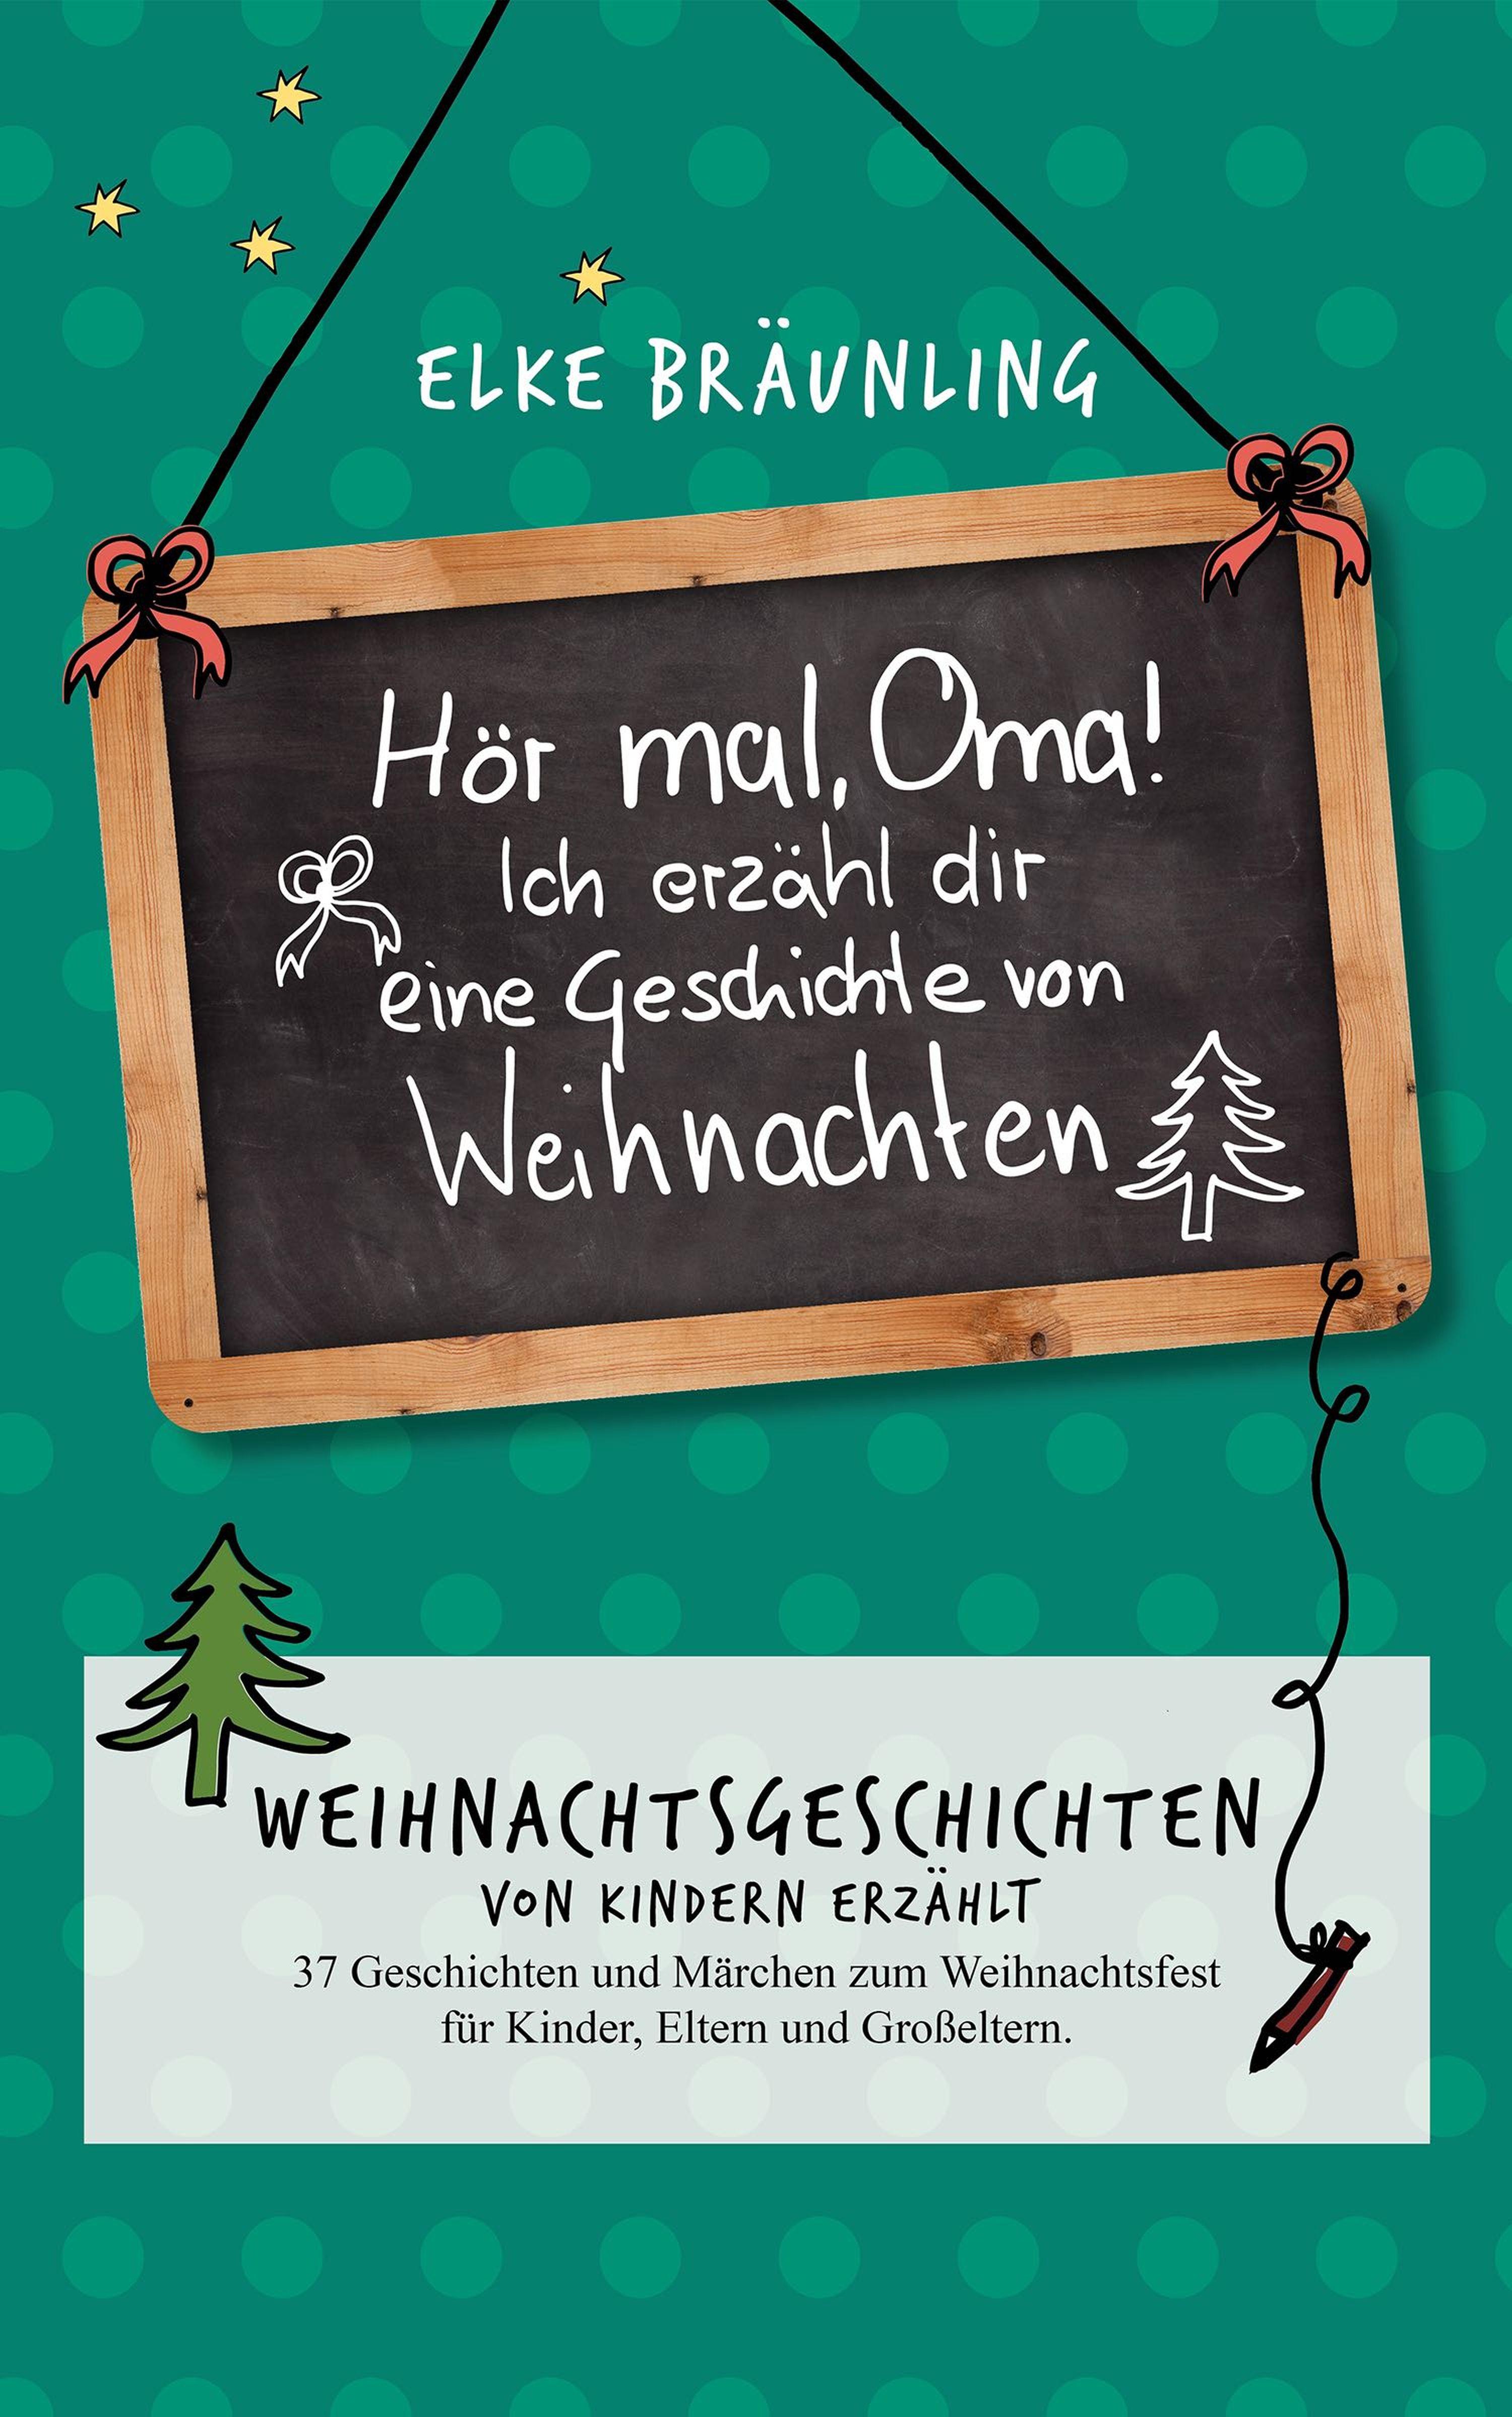 Elke Braunling Hör mal, Oma! Ich erzähle Dir eine Geschichte von Weihnachten